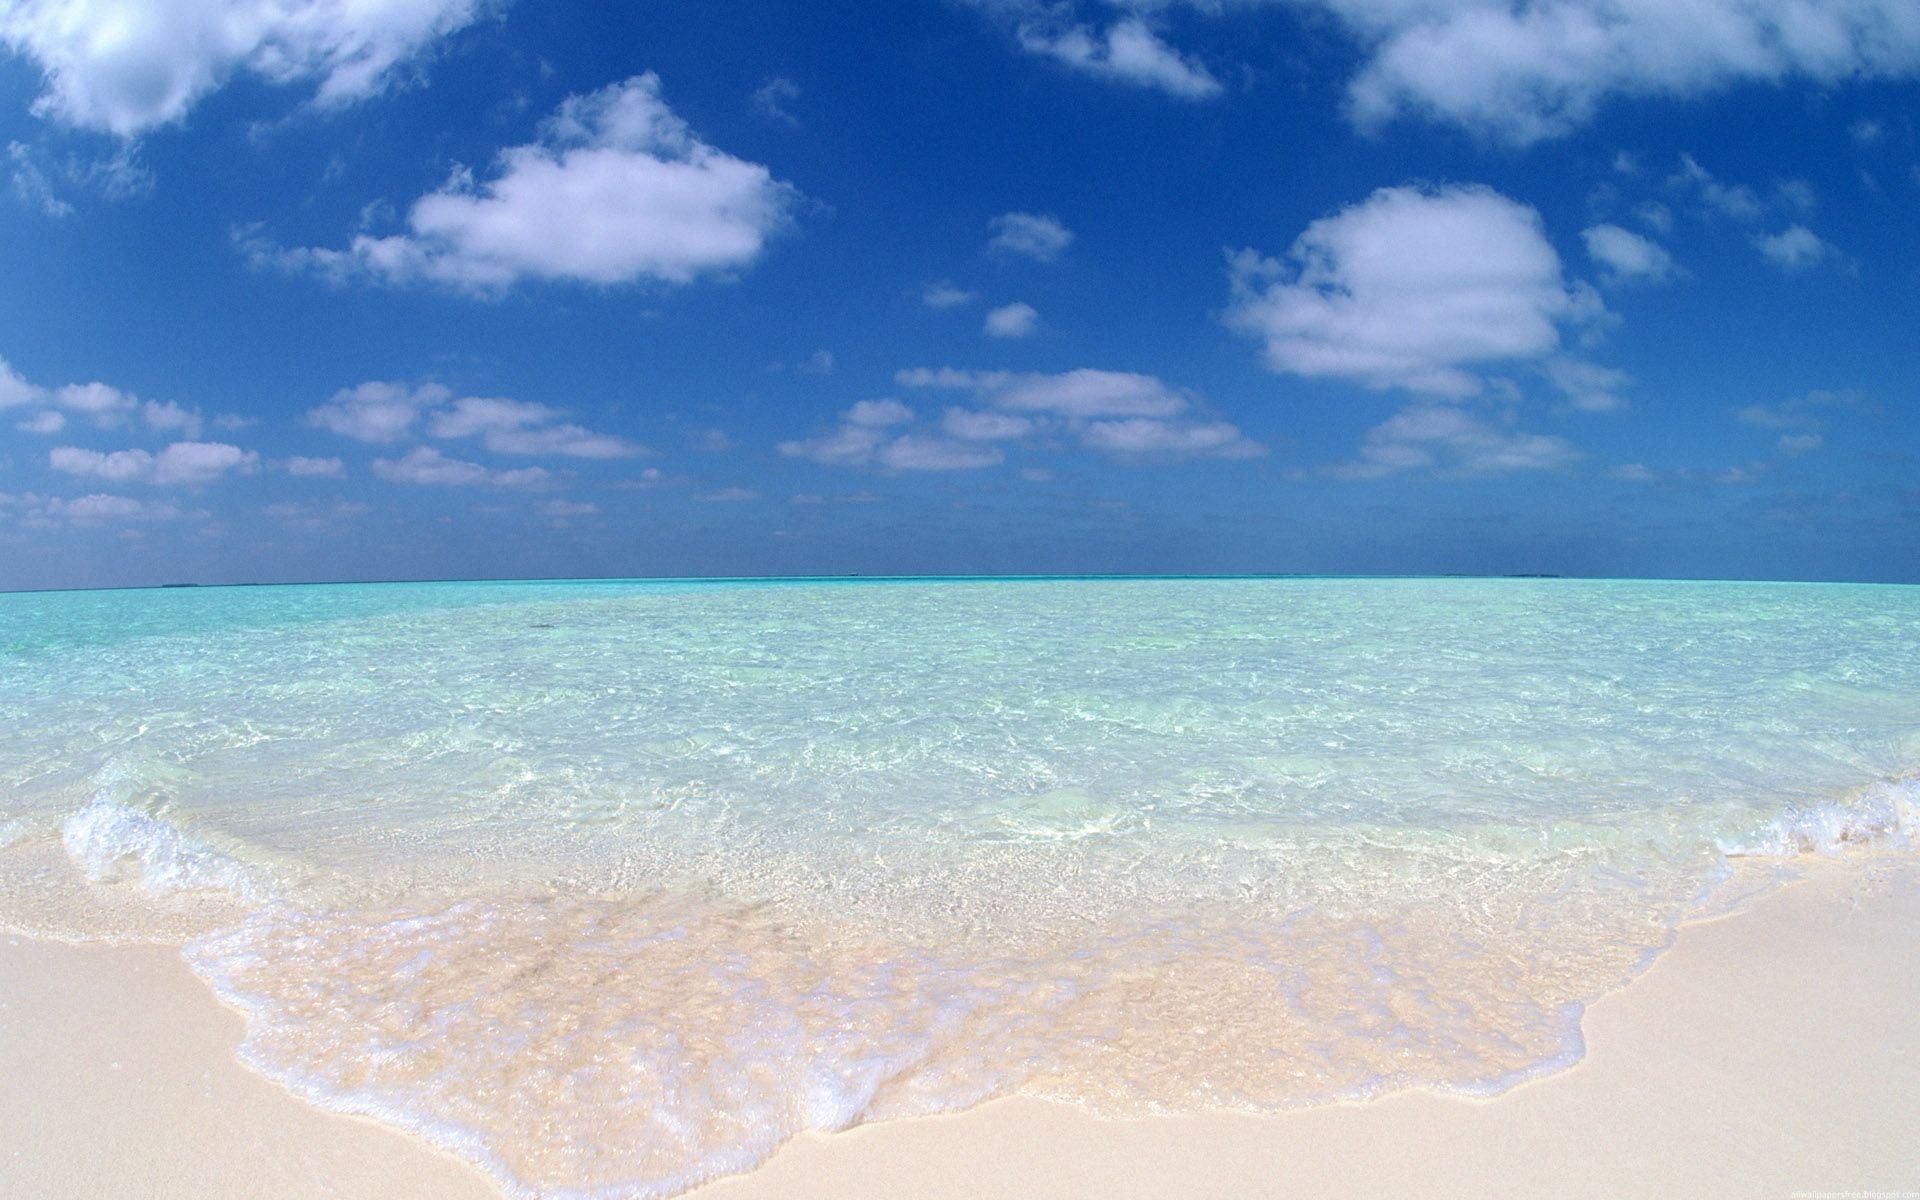 Playas de aguas transparentes - 1920x1200